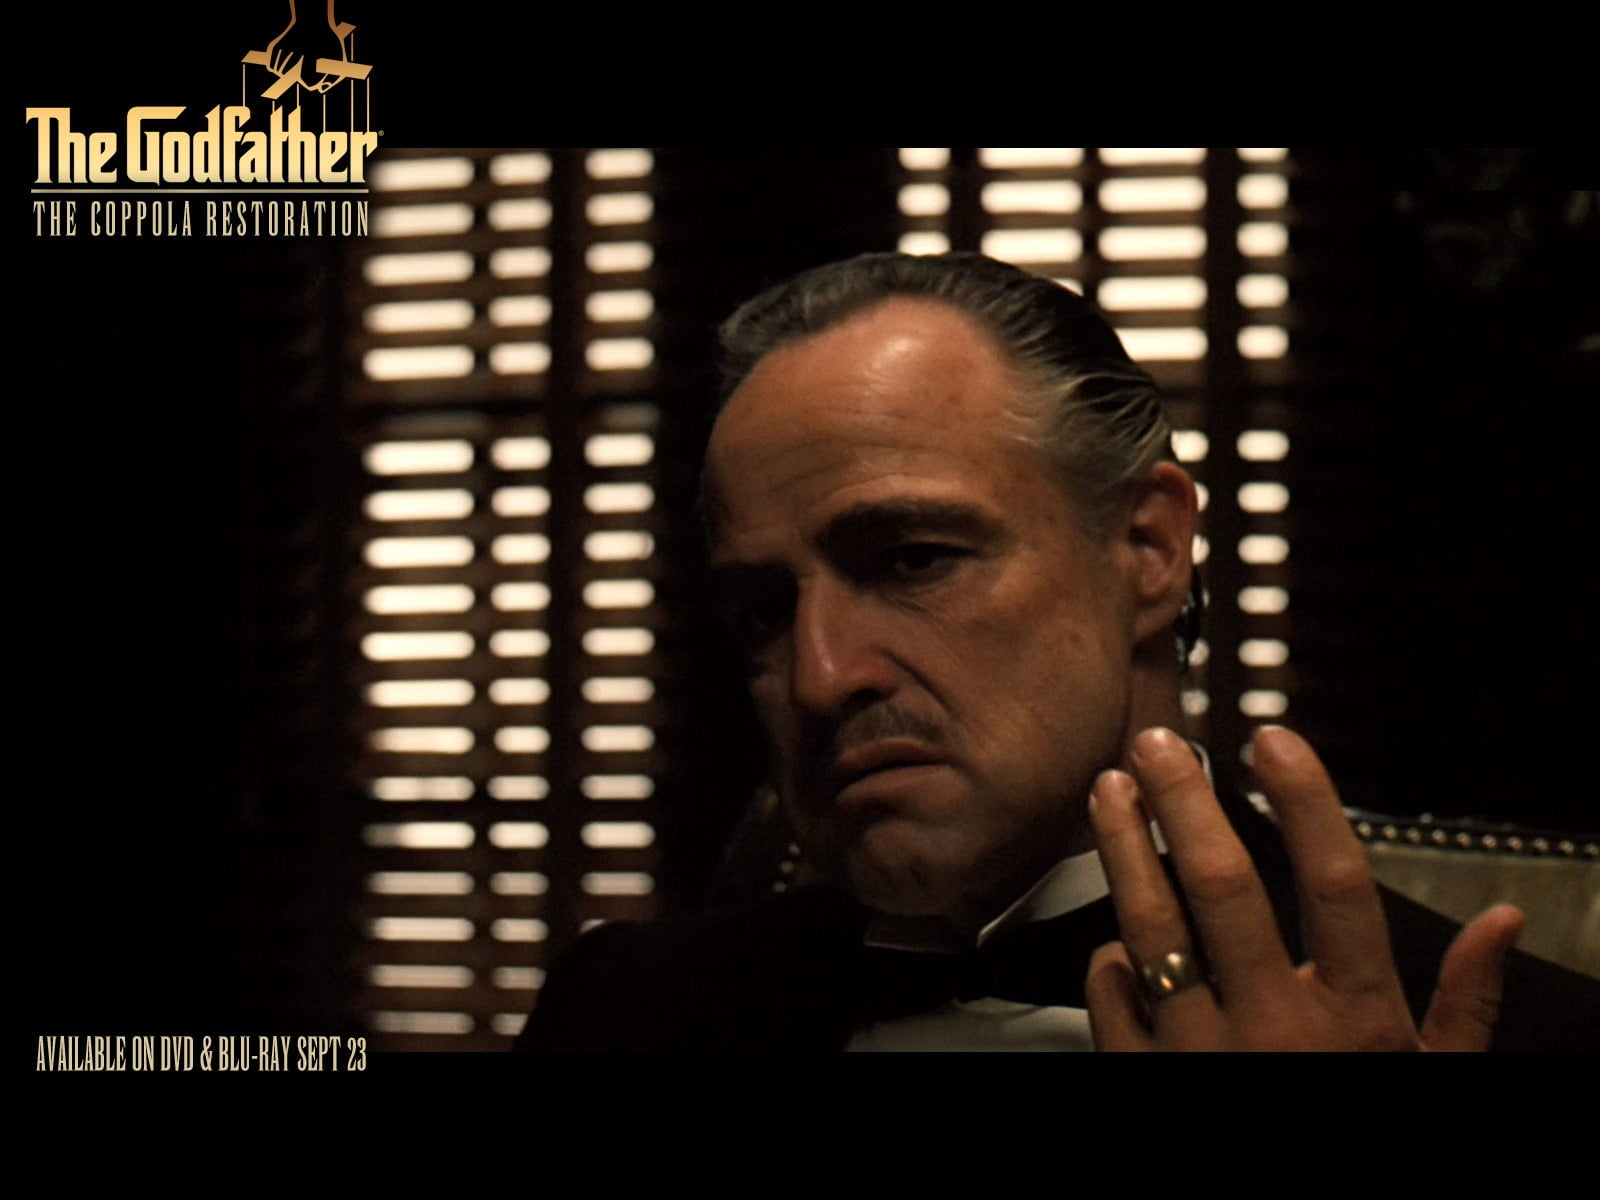 Godfather Make An Offer - HD Wallpaper